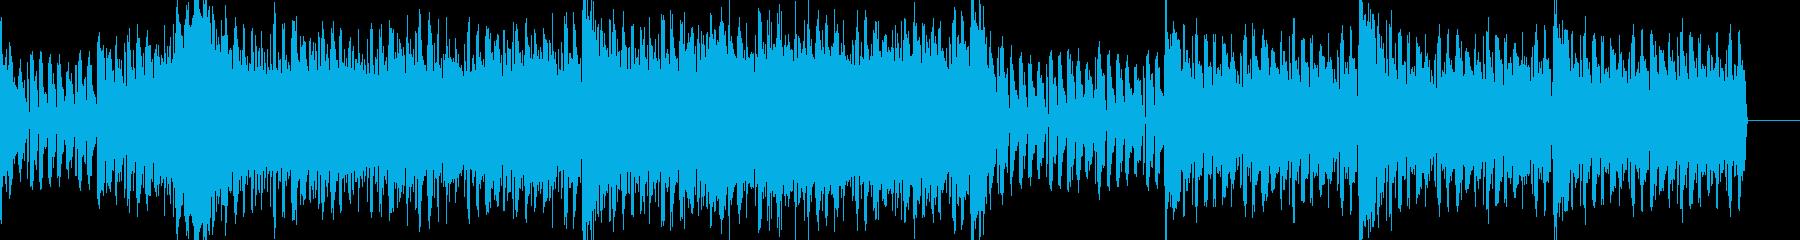 戦闘シーン 電子音とオーケストラの再生済みの波形